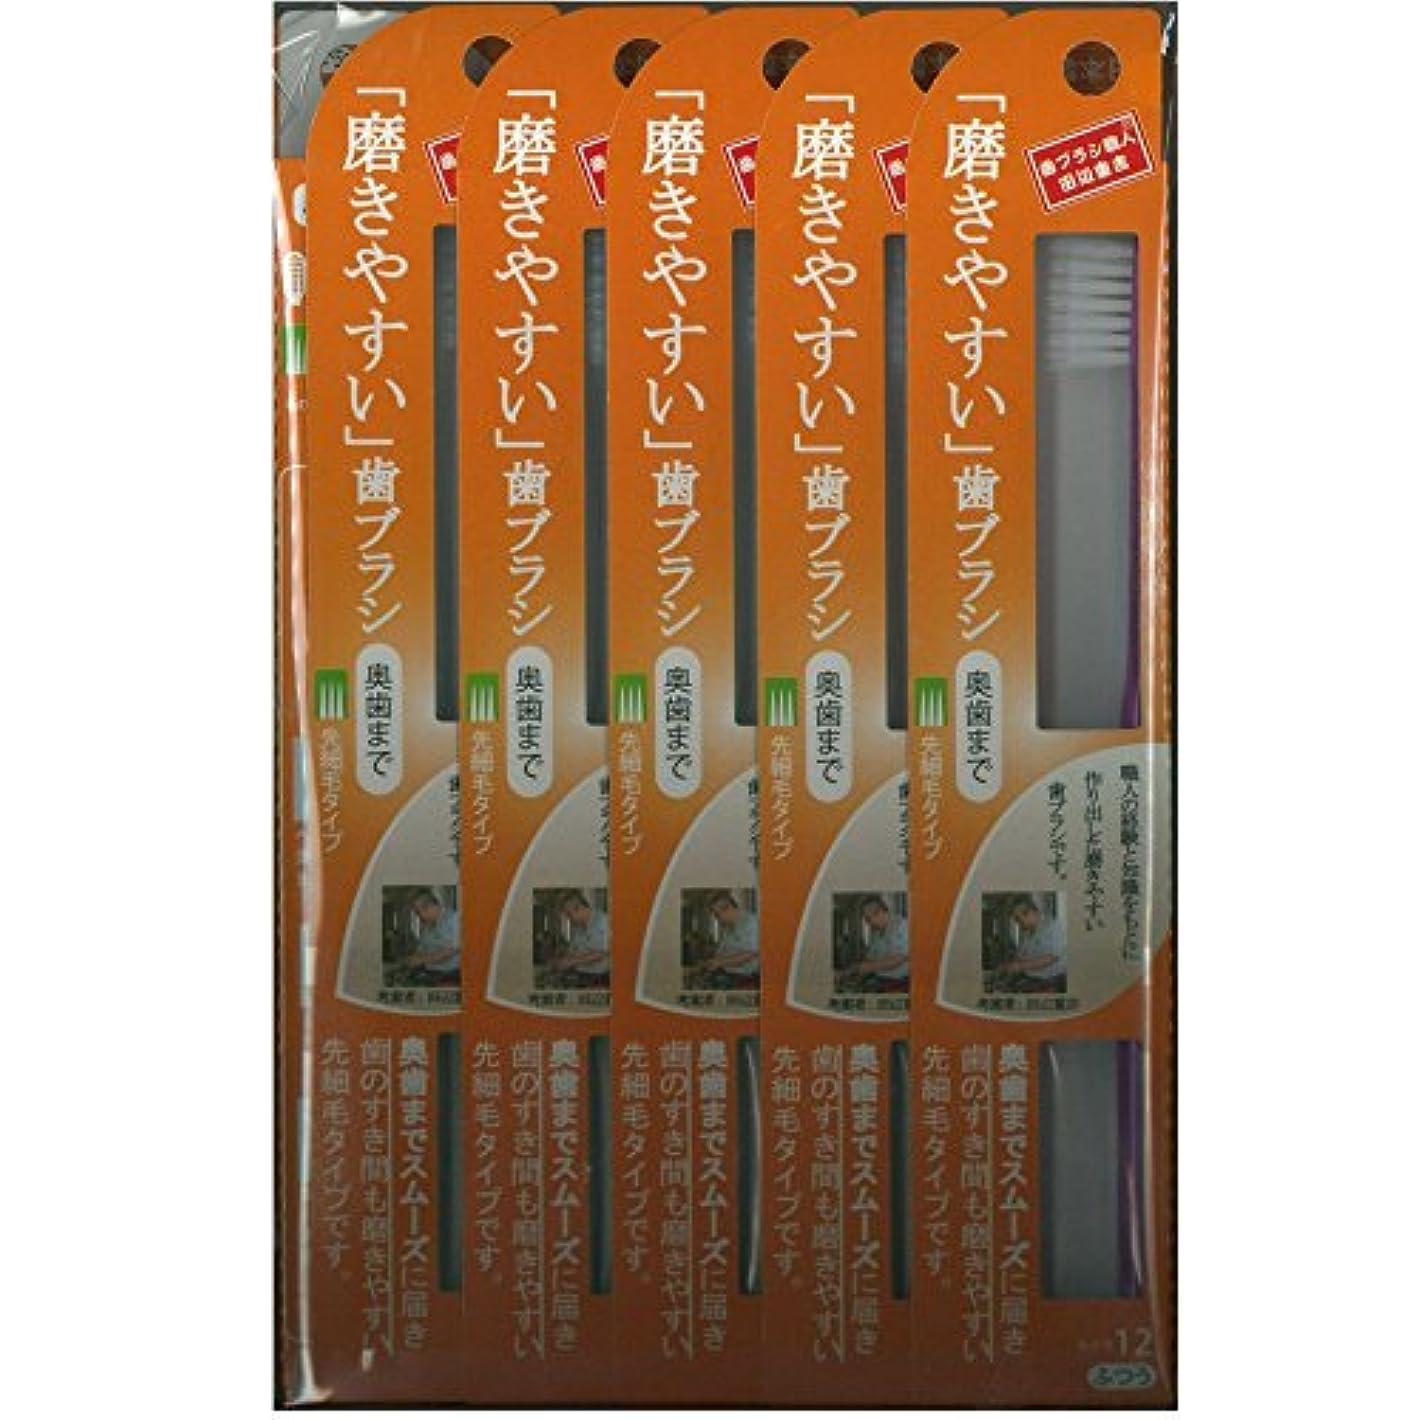 致命的なスリット目的磨きやすい歯ブラシ(奥歯まで)先細 LT-12×12本セット( ピンク×4本、ブルー×4本、グリーン×2本、パープル×2本)